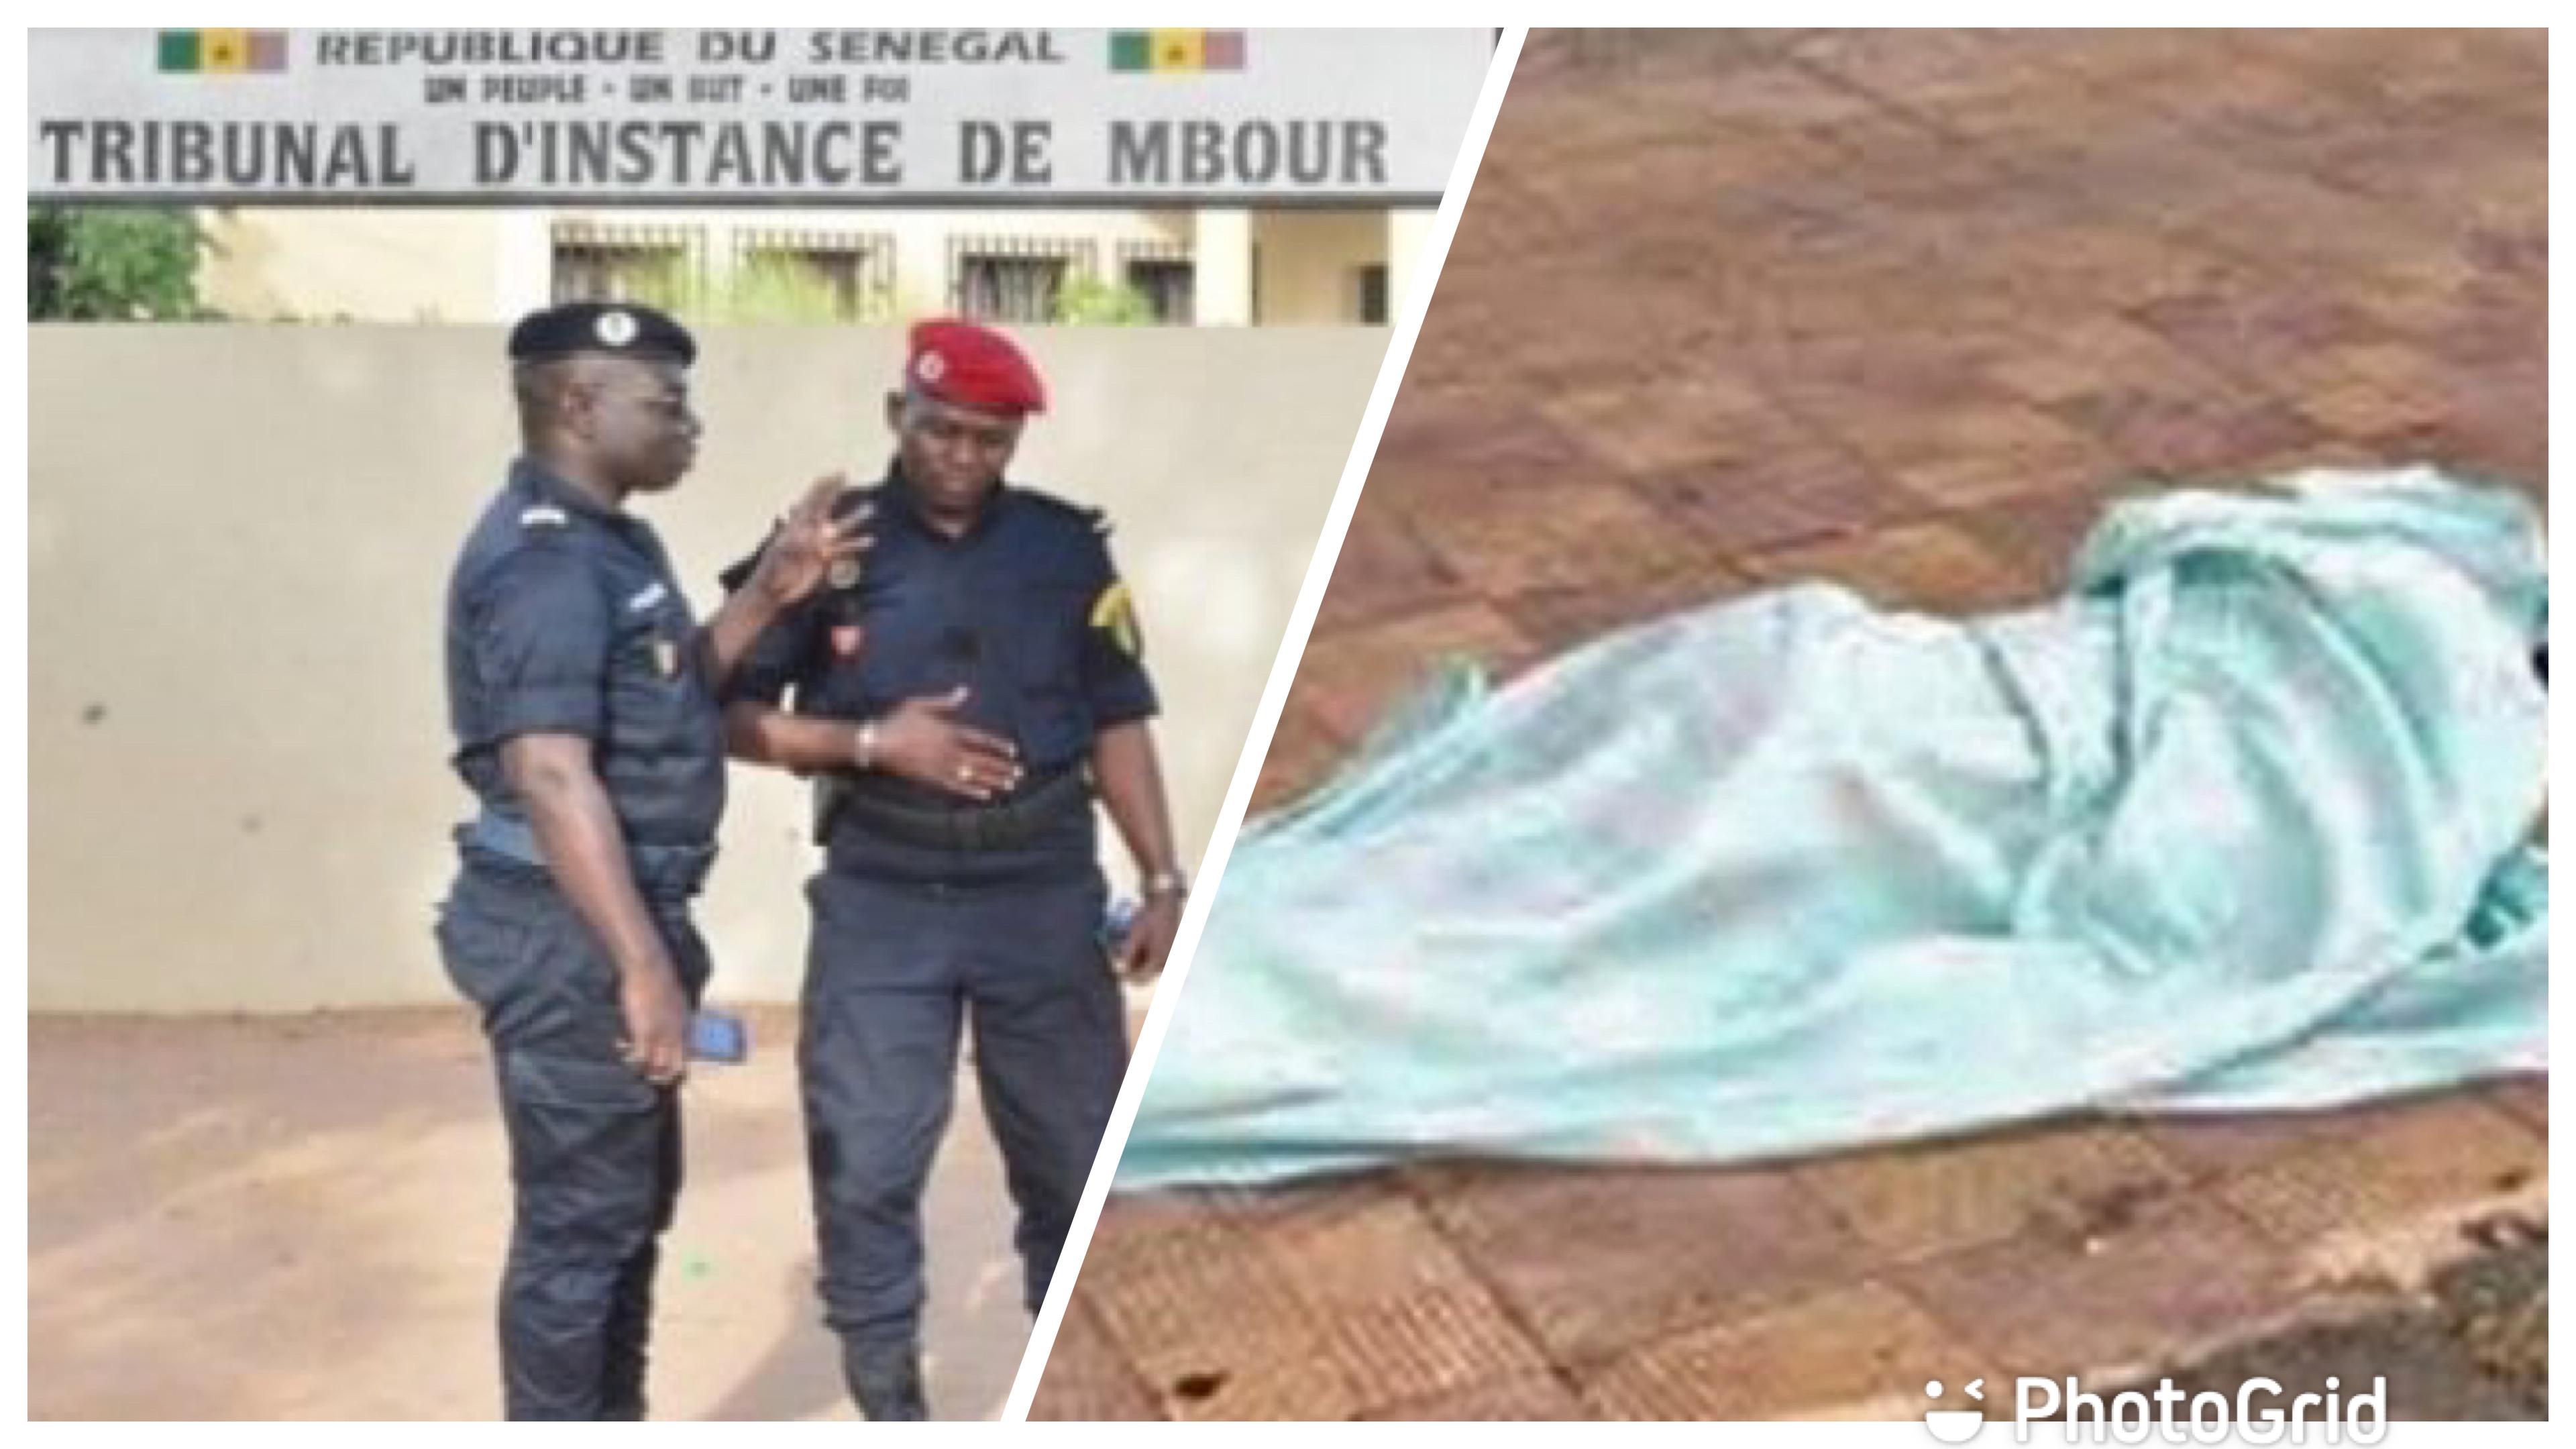 Mballing : Le corps exhumé au bord d'un poulailler, serait probablement celui de M. Camara, disparu depuis 2018